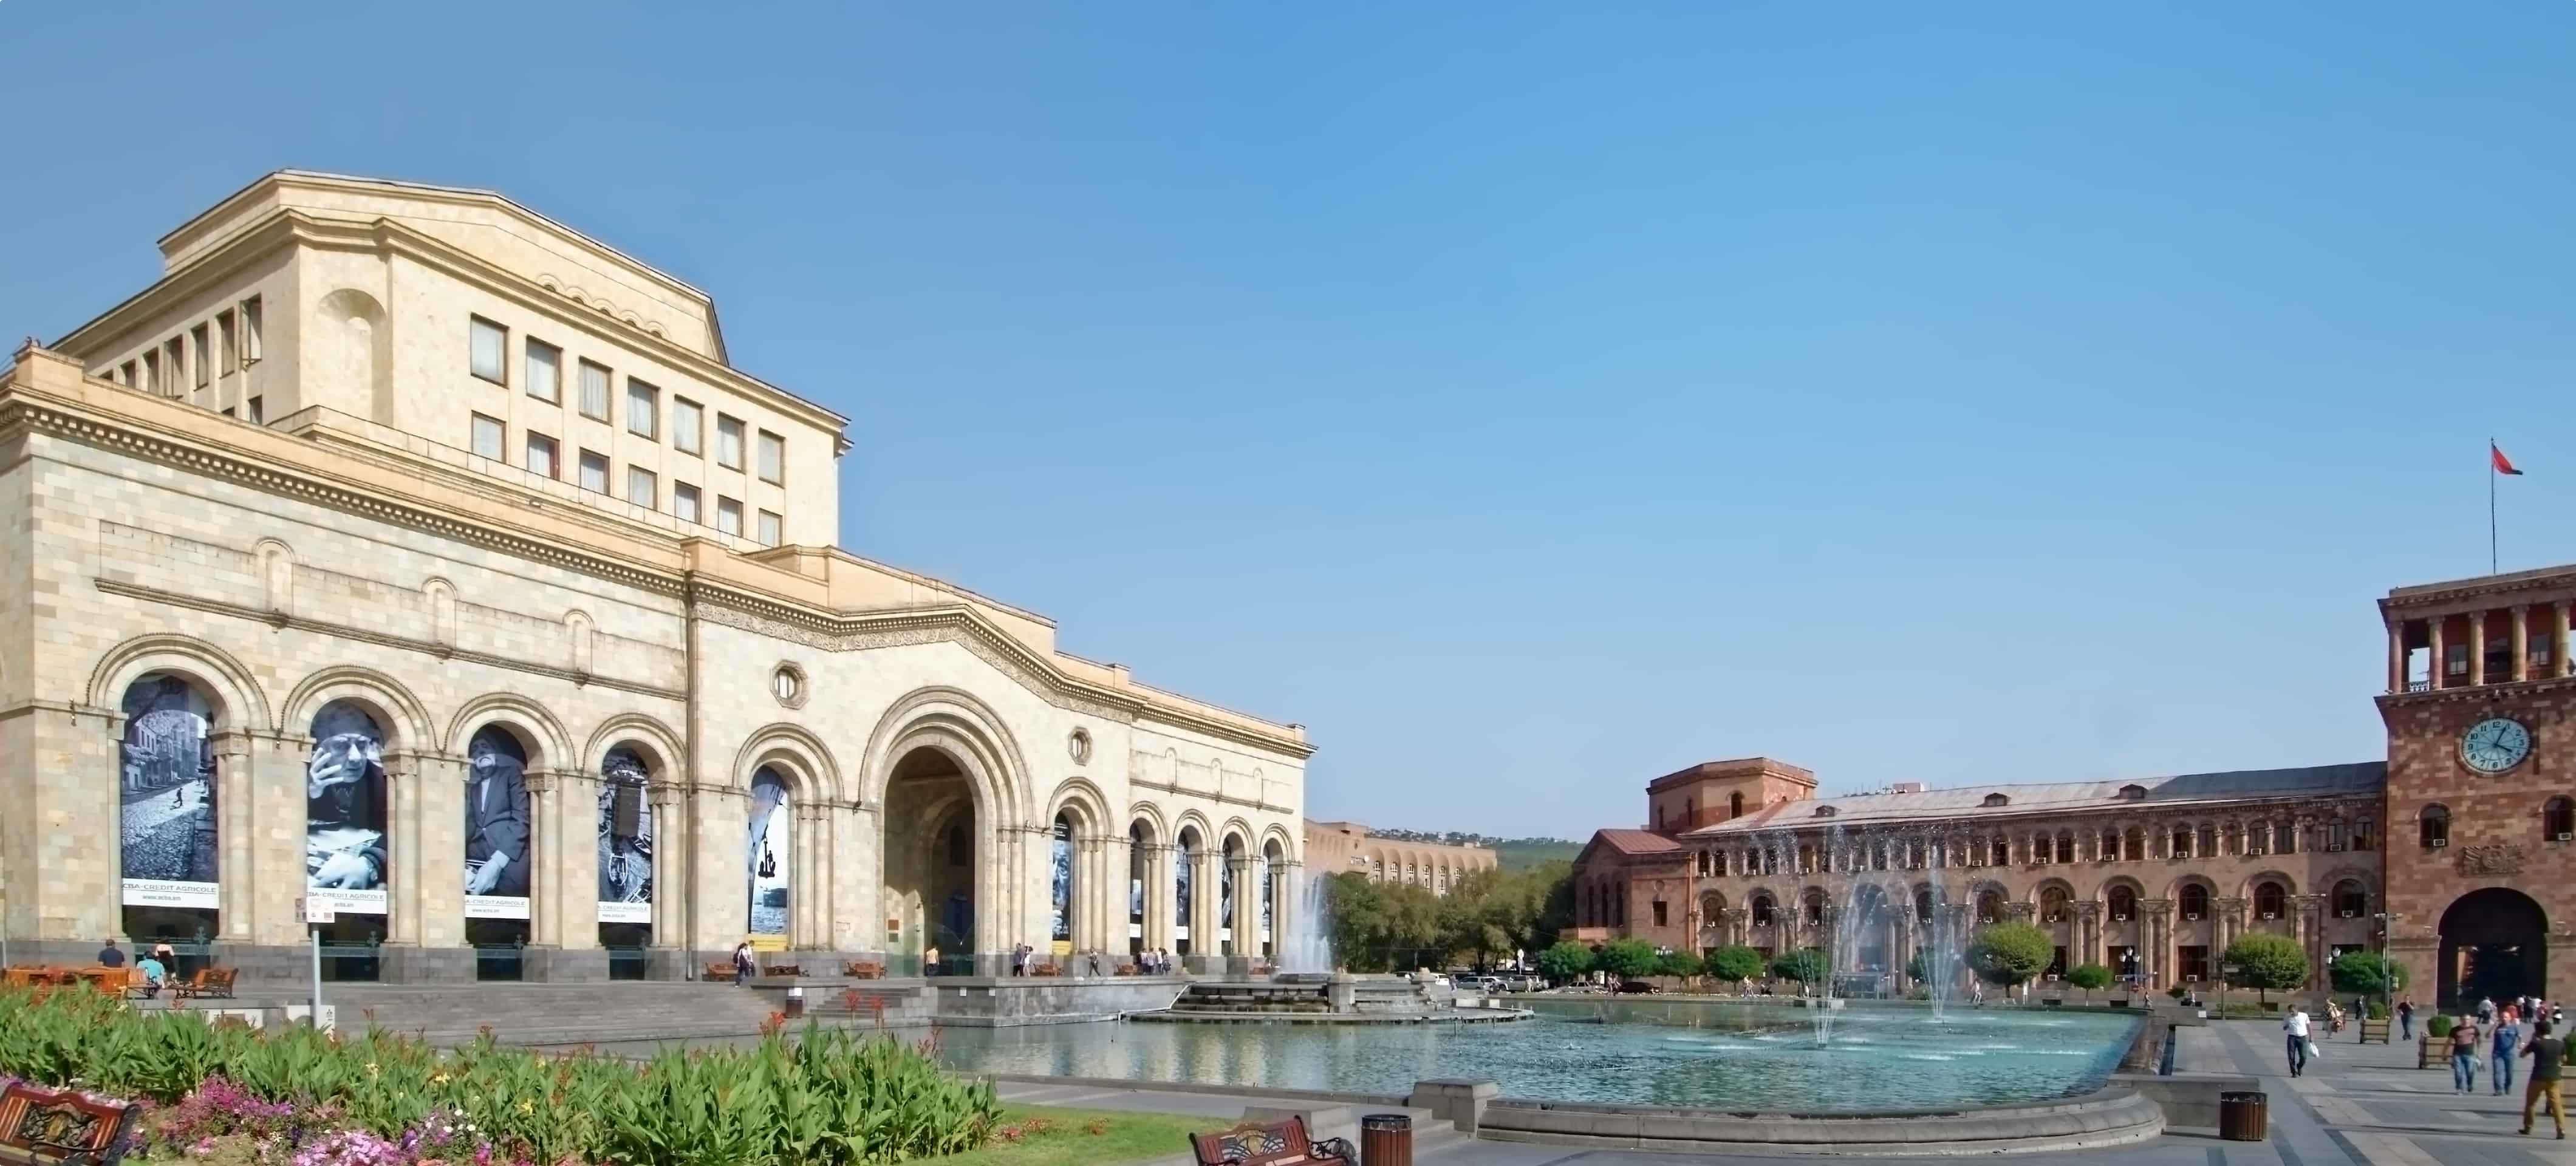 Republic Square Yerevan, Armenia